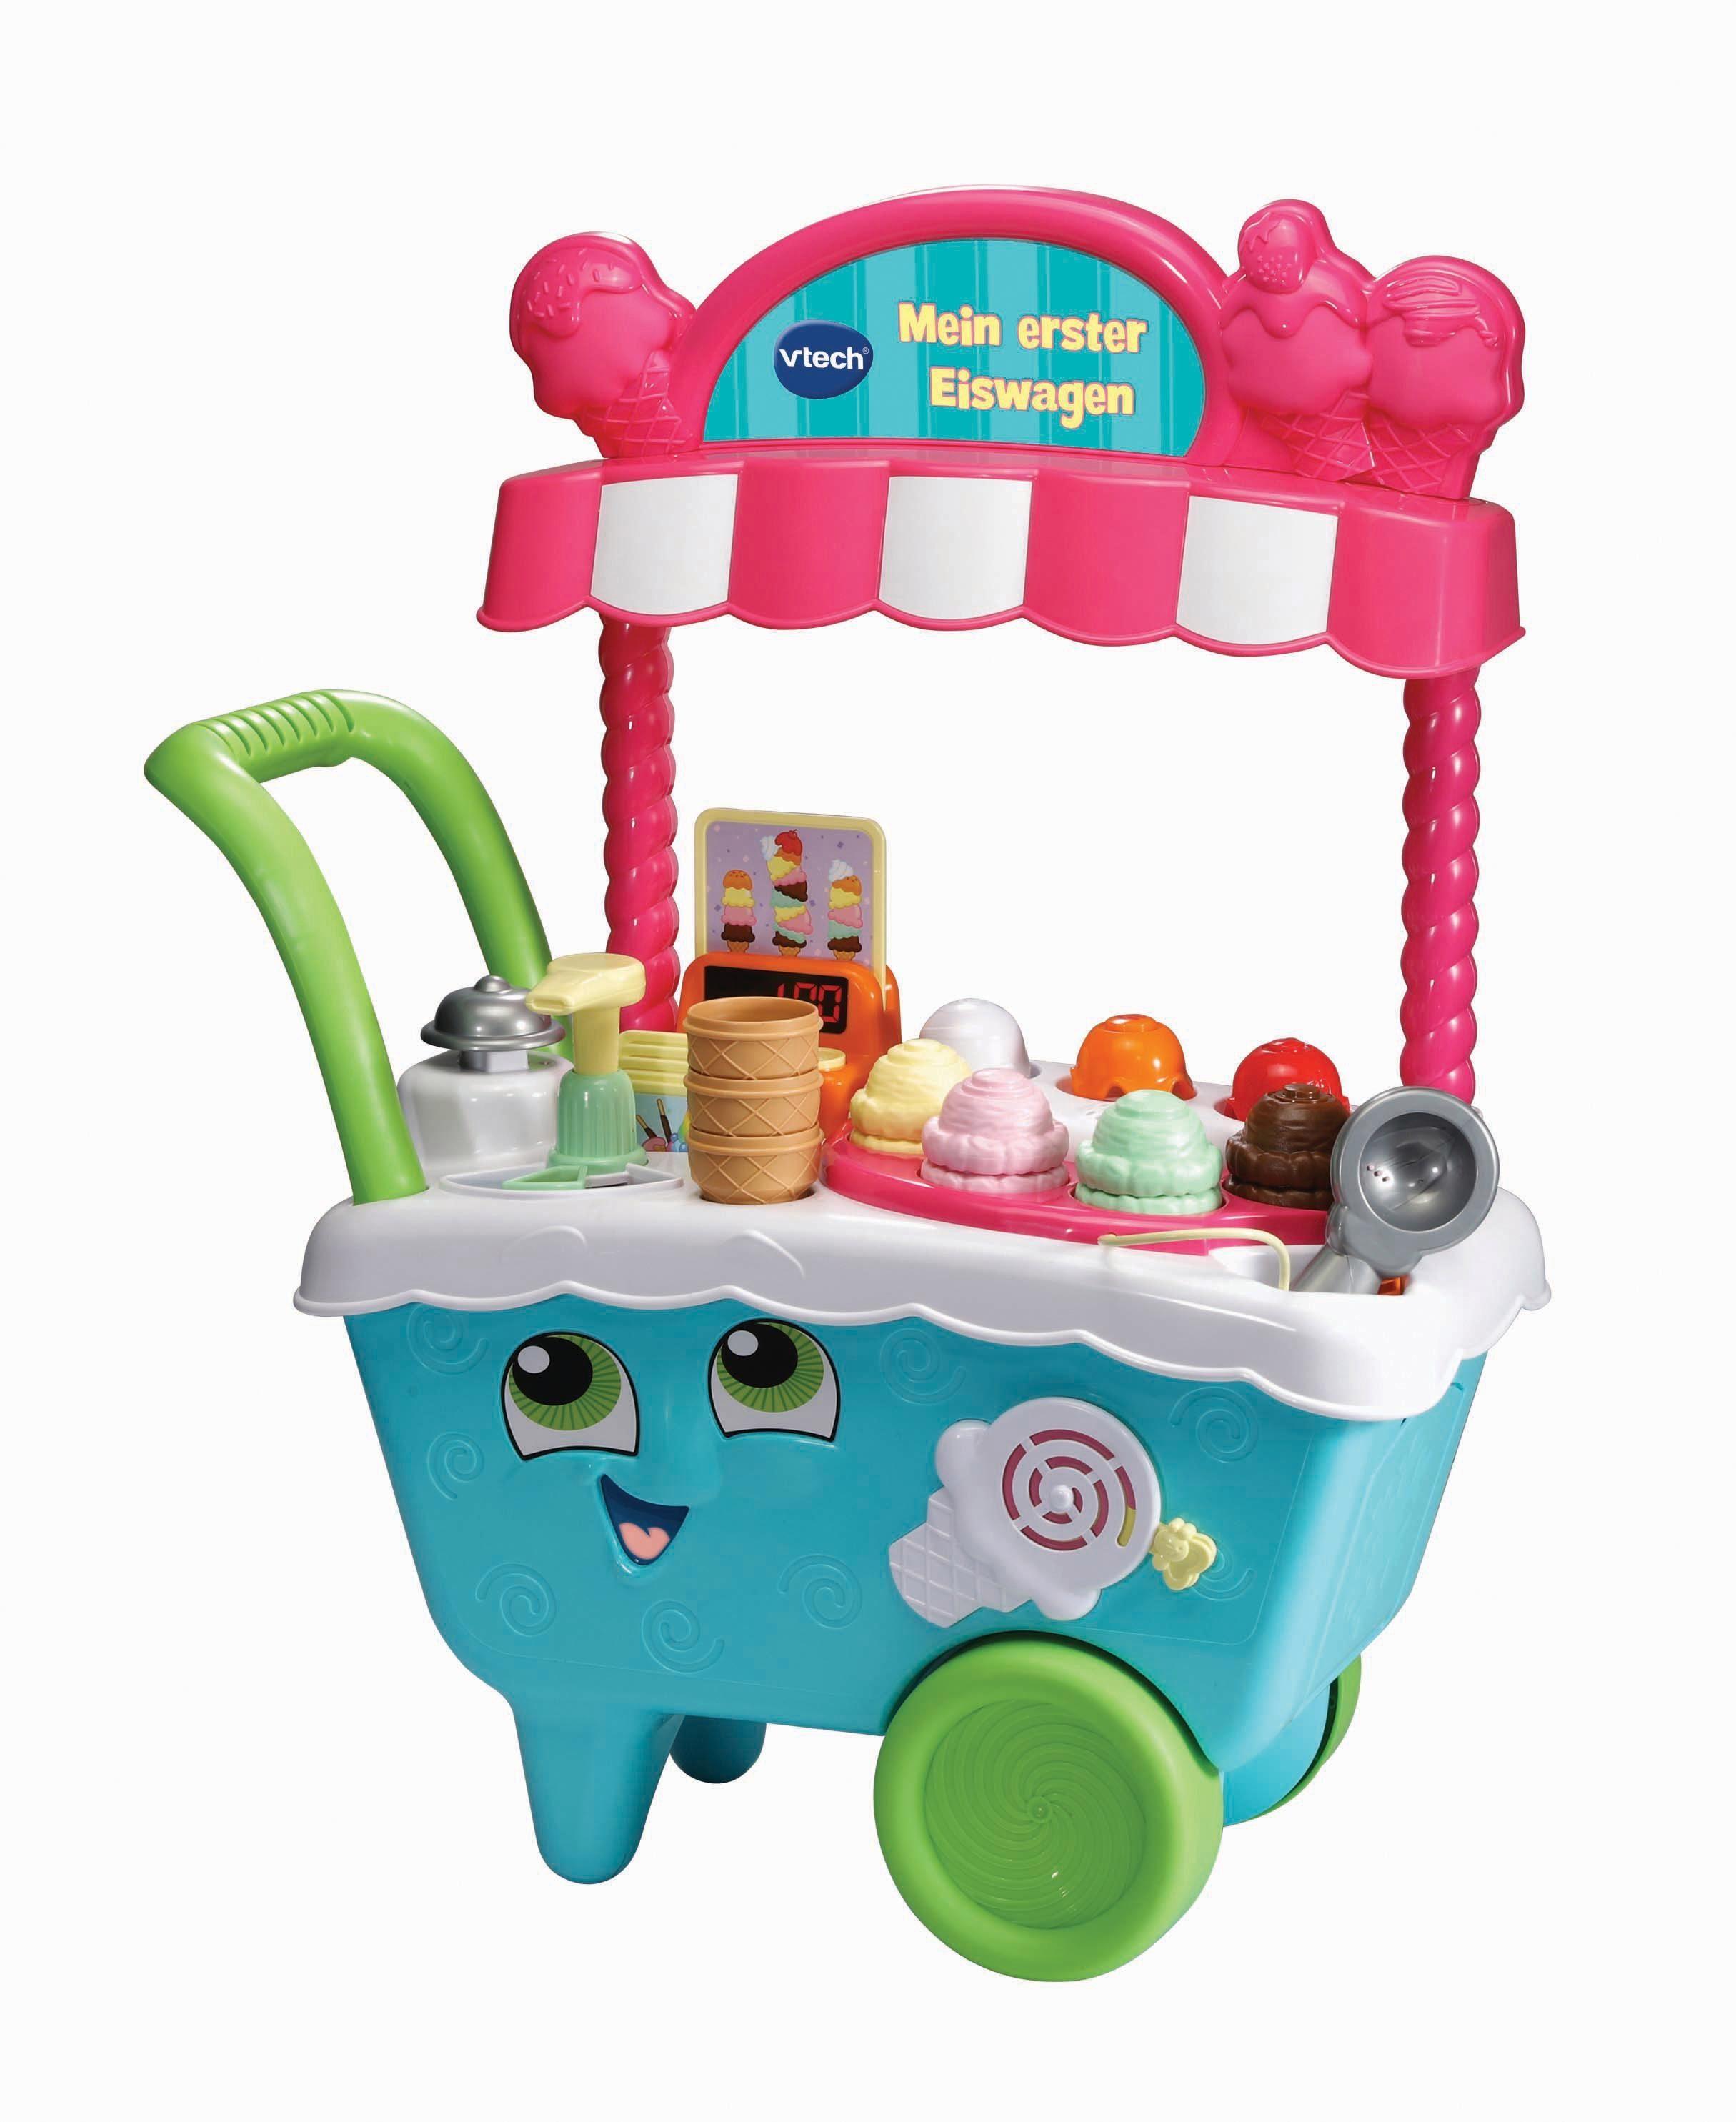 VTech Eiswagen für Kinder, »Mein erster Eiswagen«